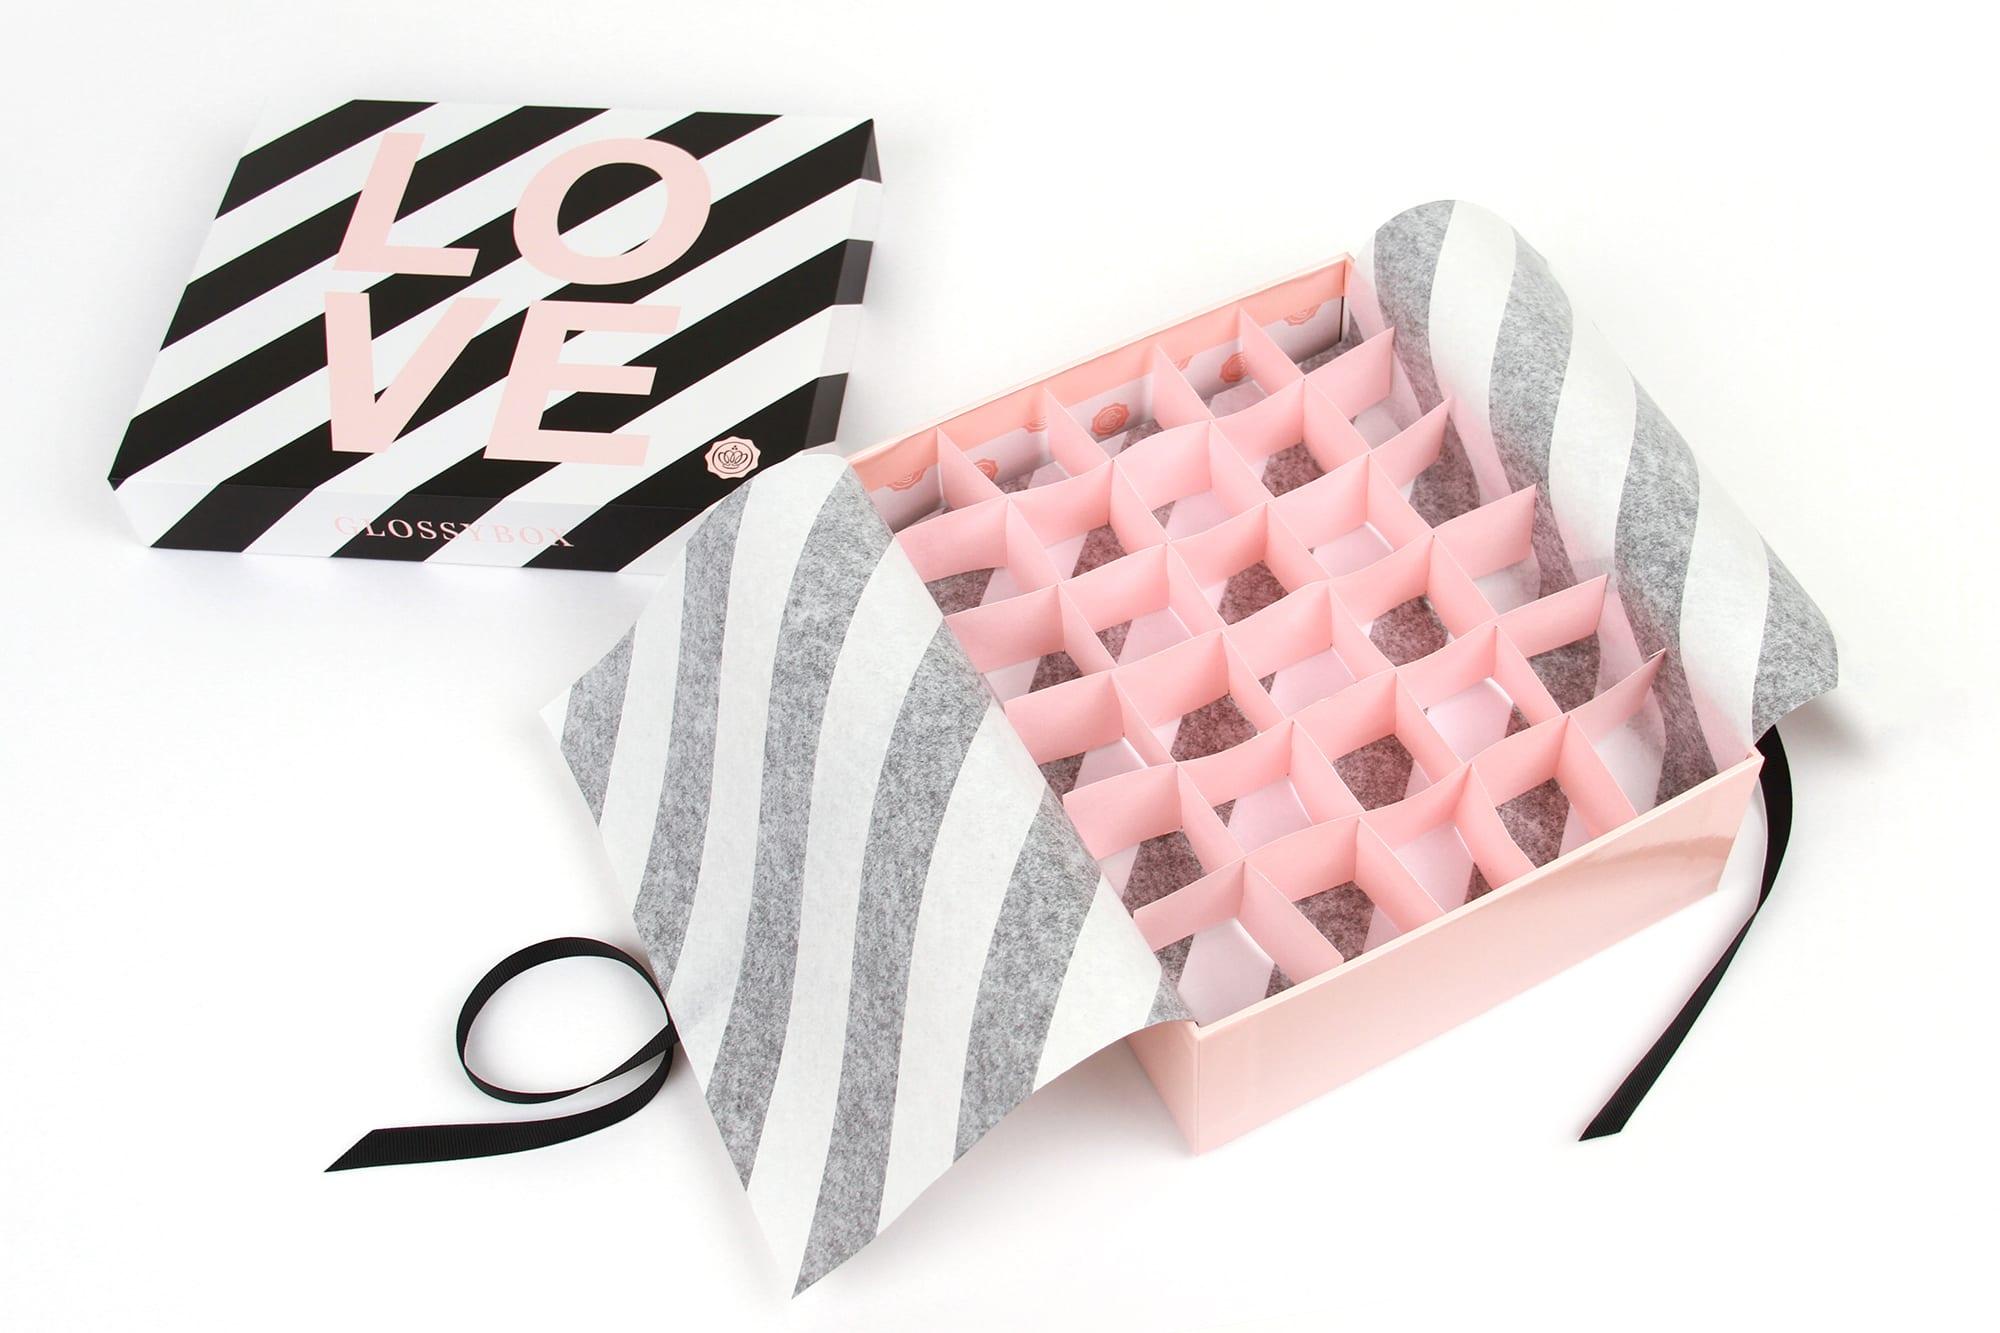 upscale-glossybox-chocolate-box-4